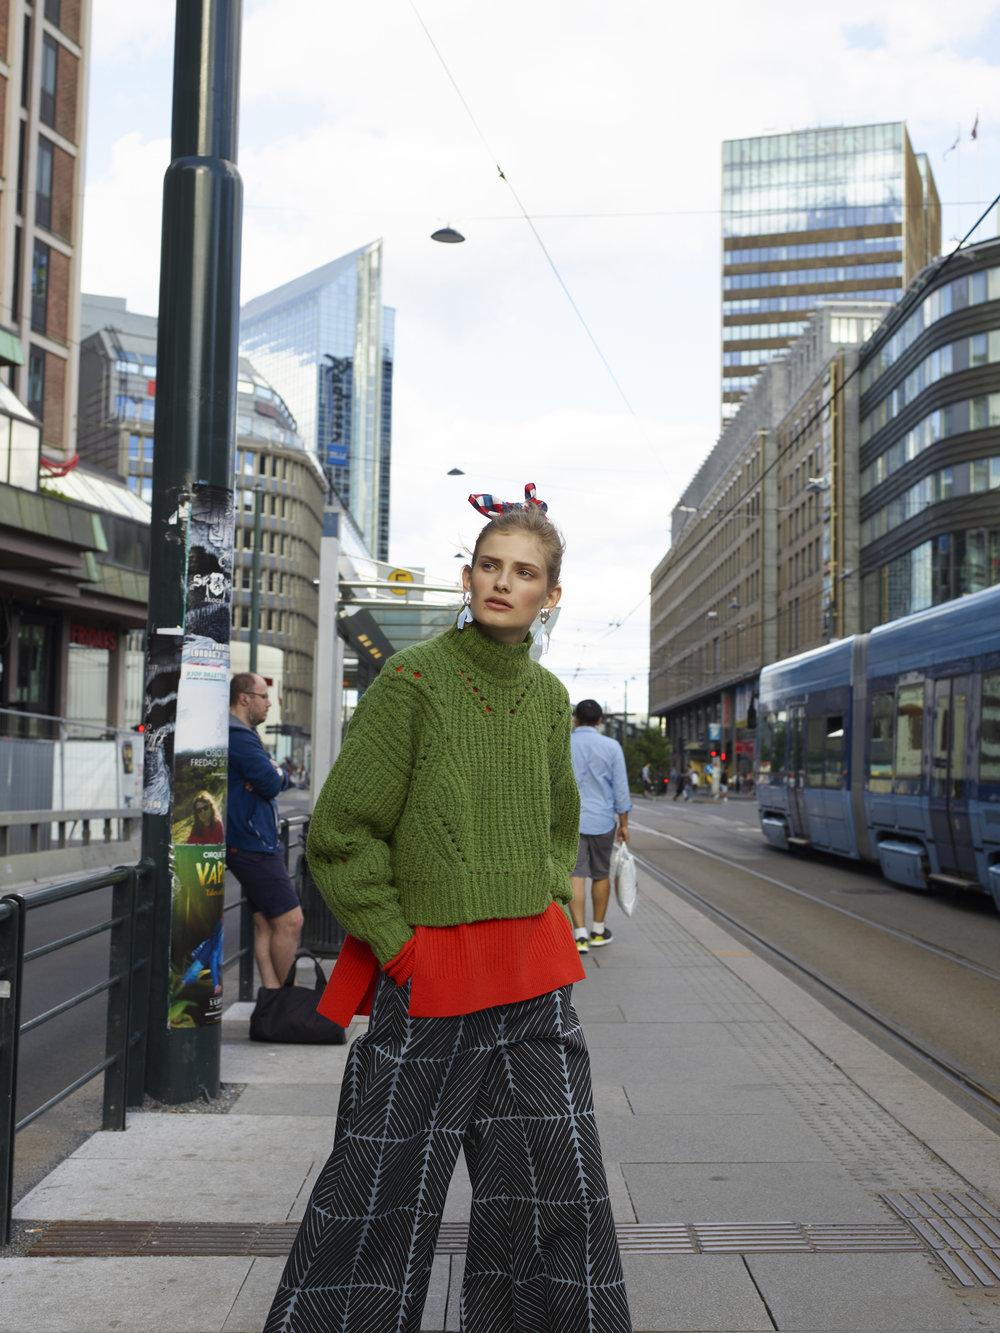 Grønn genser - ISABEL MARANT Genser - GANNI Bukse - MARIMEKKO Ørdobber - ANNIE BERNER / F5 Sløyfe -LOVE CHILD